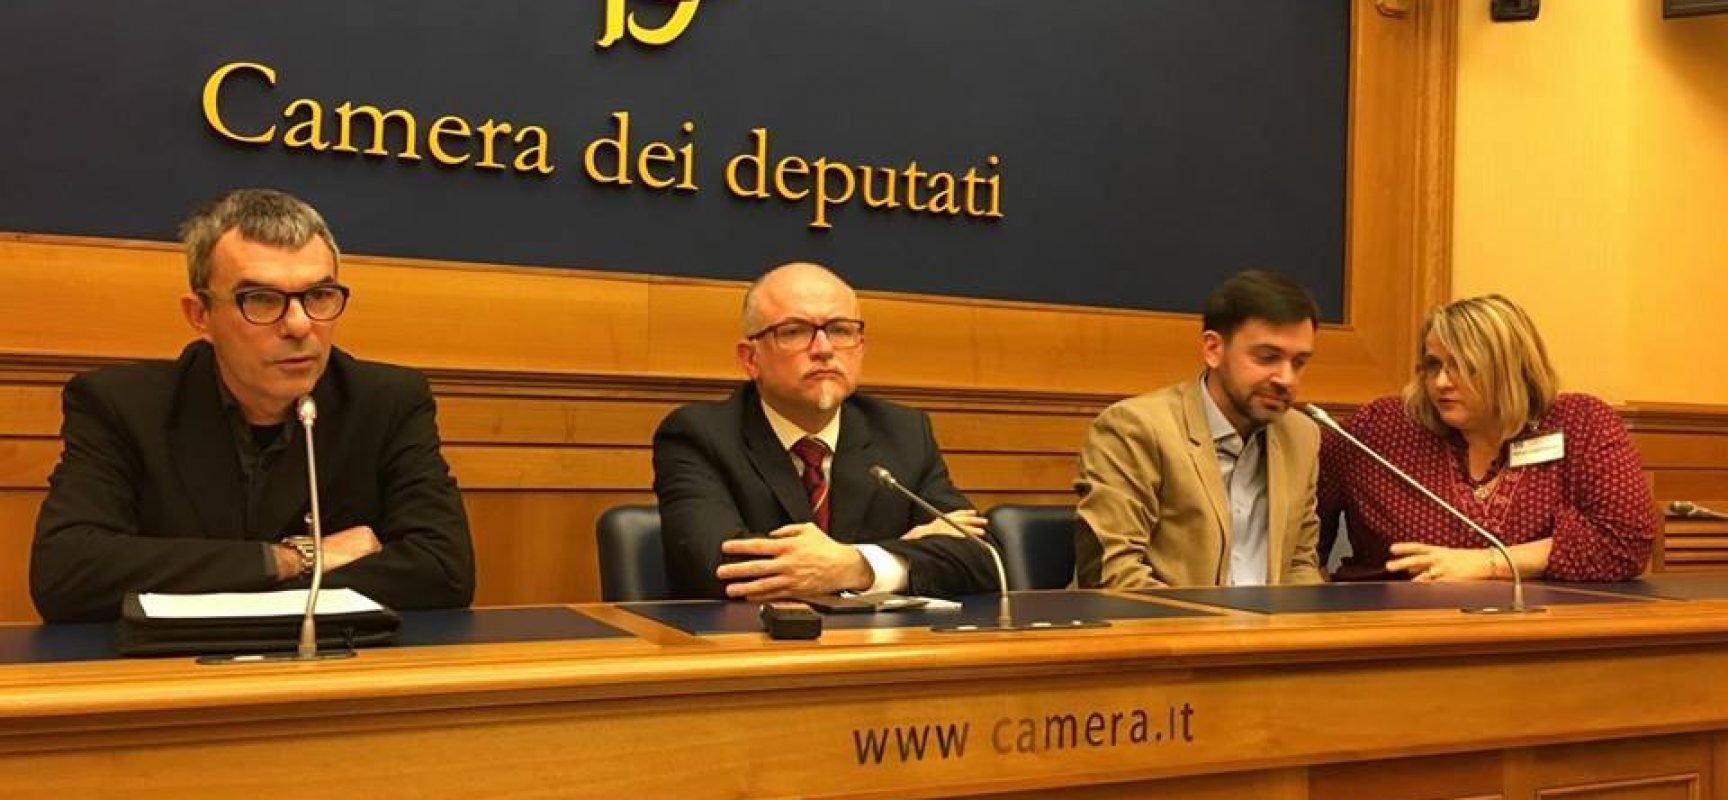 Conferenza stampa di stopfake alla camera dei deputati for Rassegna stampa camera deputati